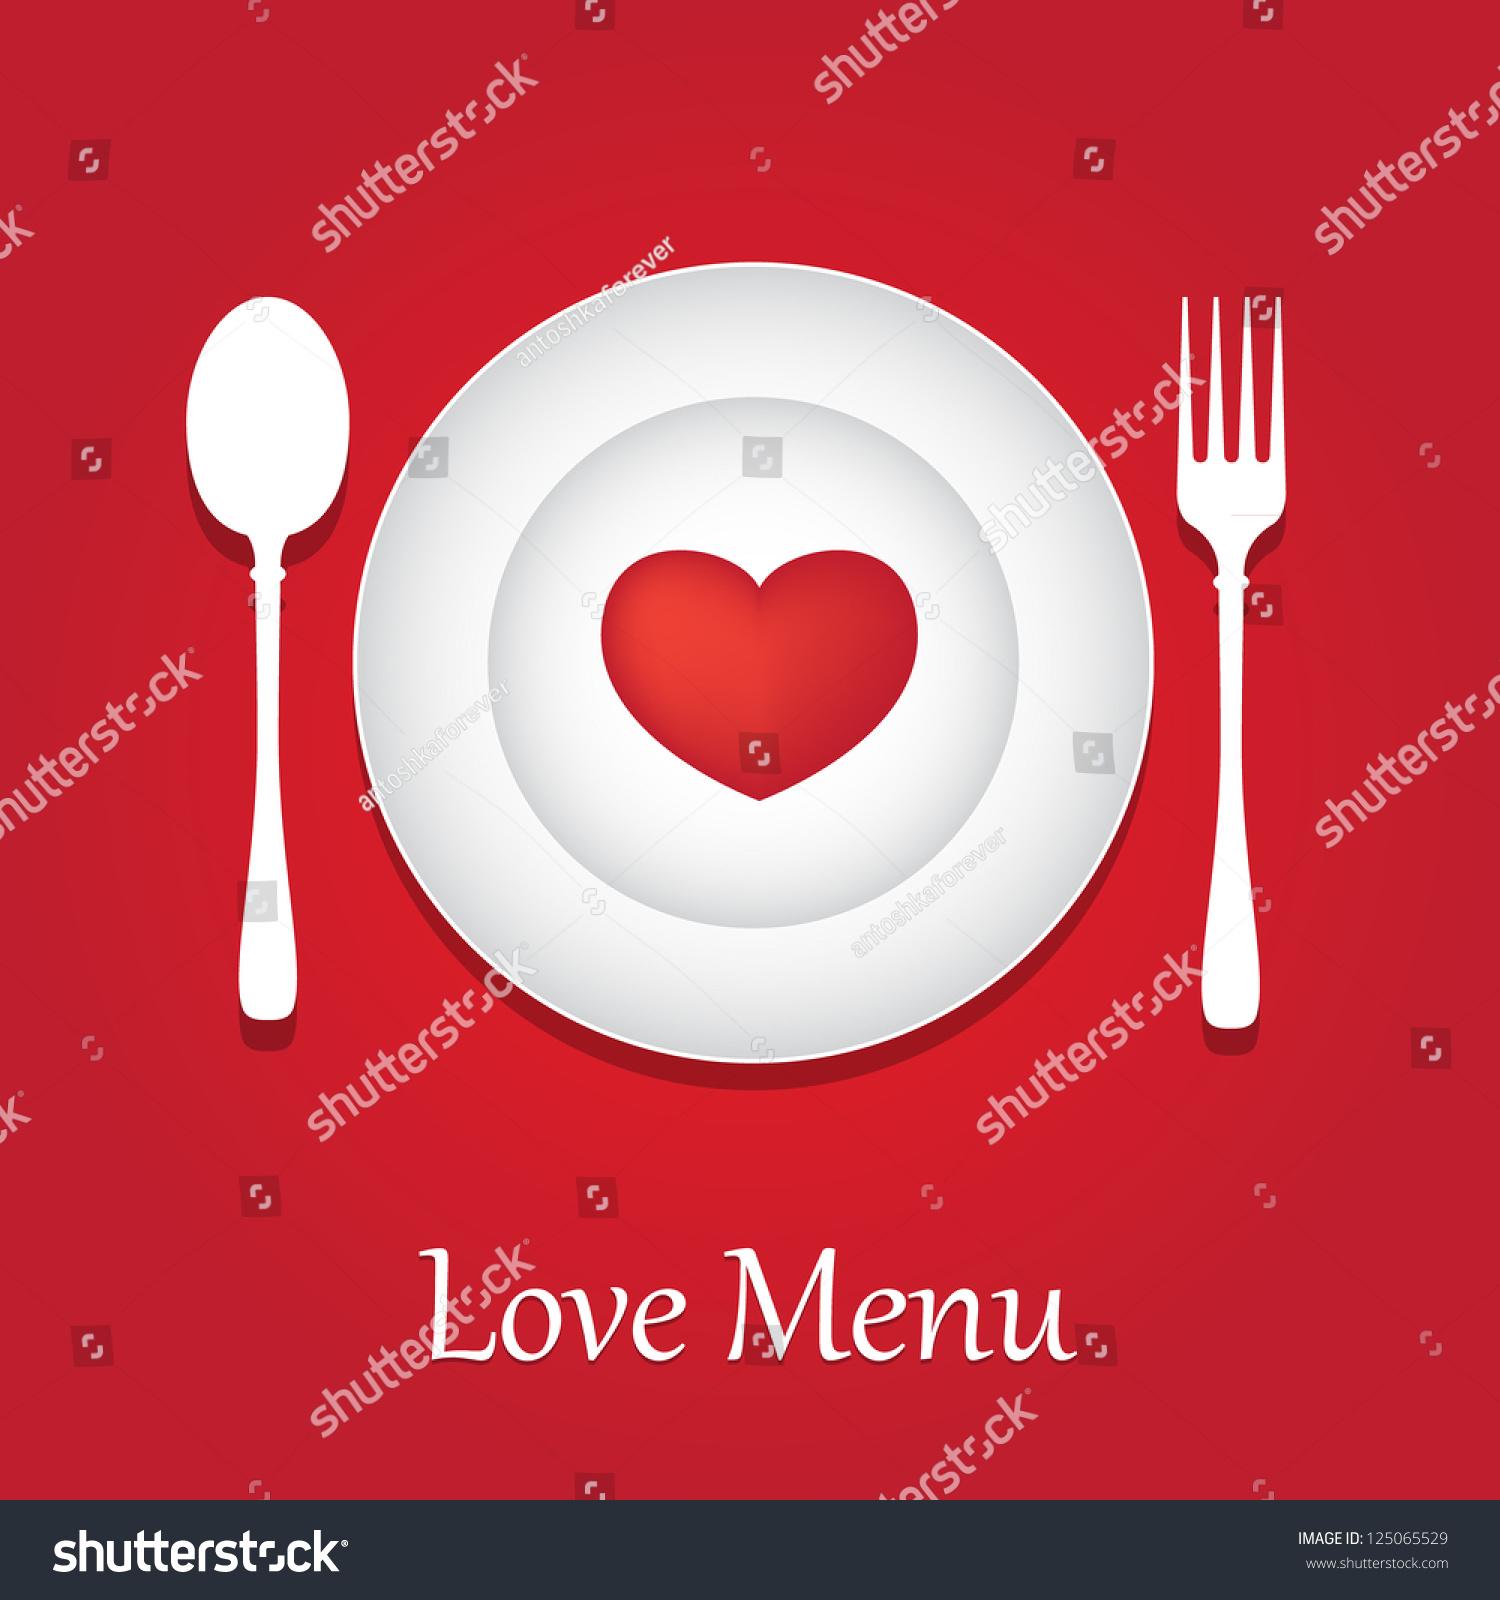 Template Valentine Day Restaurant Menu Card Vector 125065529 – Template for Valentine Card